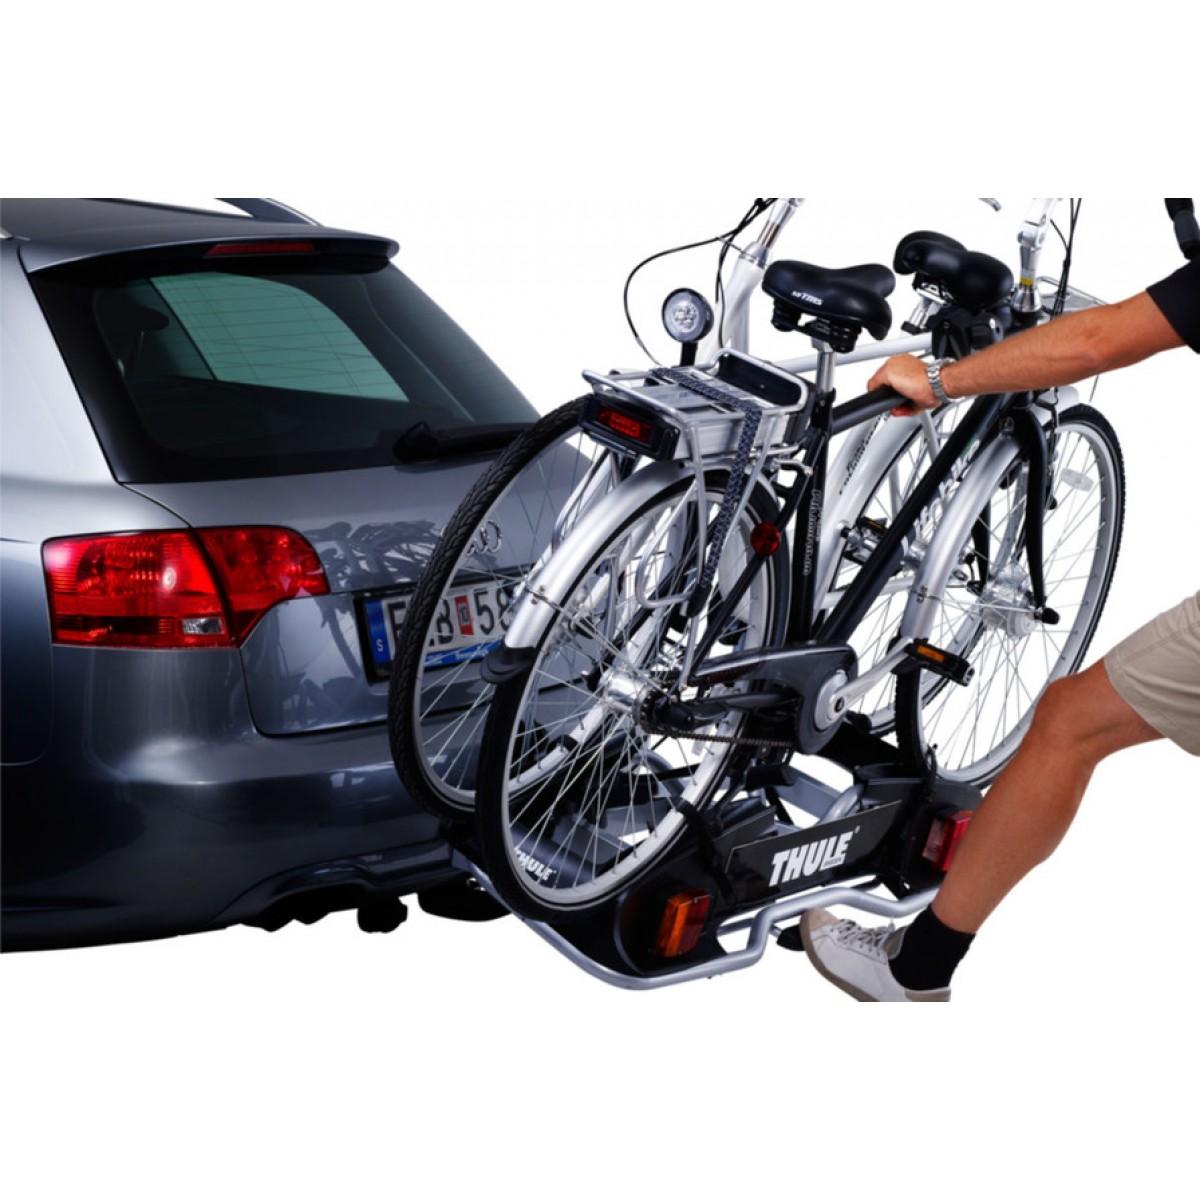 suporte p 2 bikes de engate europower 916d thule elitextreme. Black Bedroom Furniture Sets. Home Design Ideas